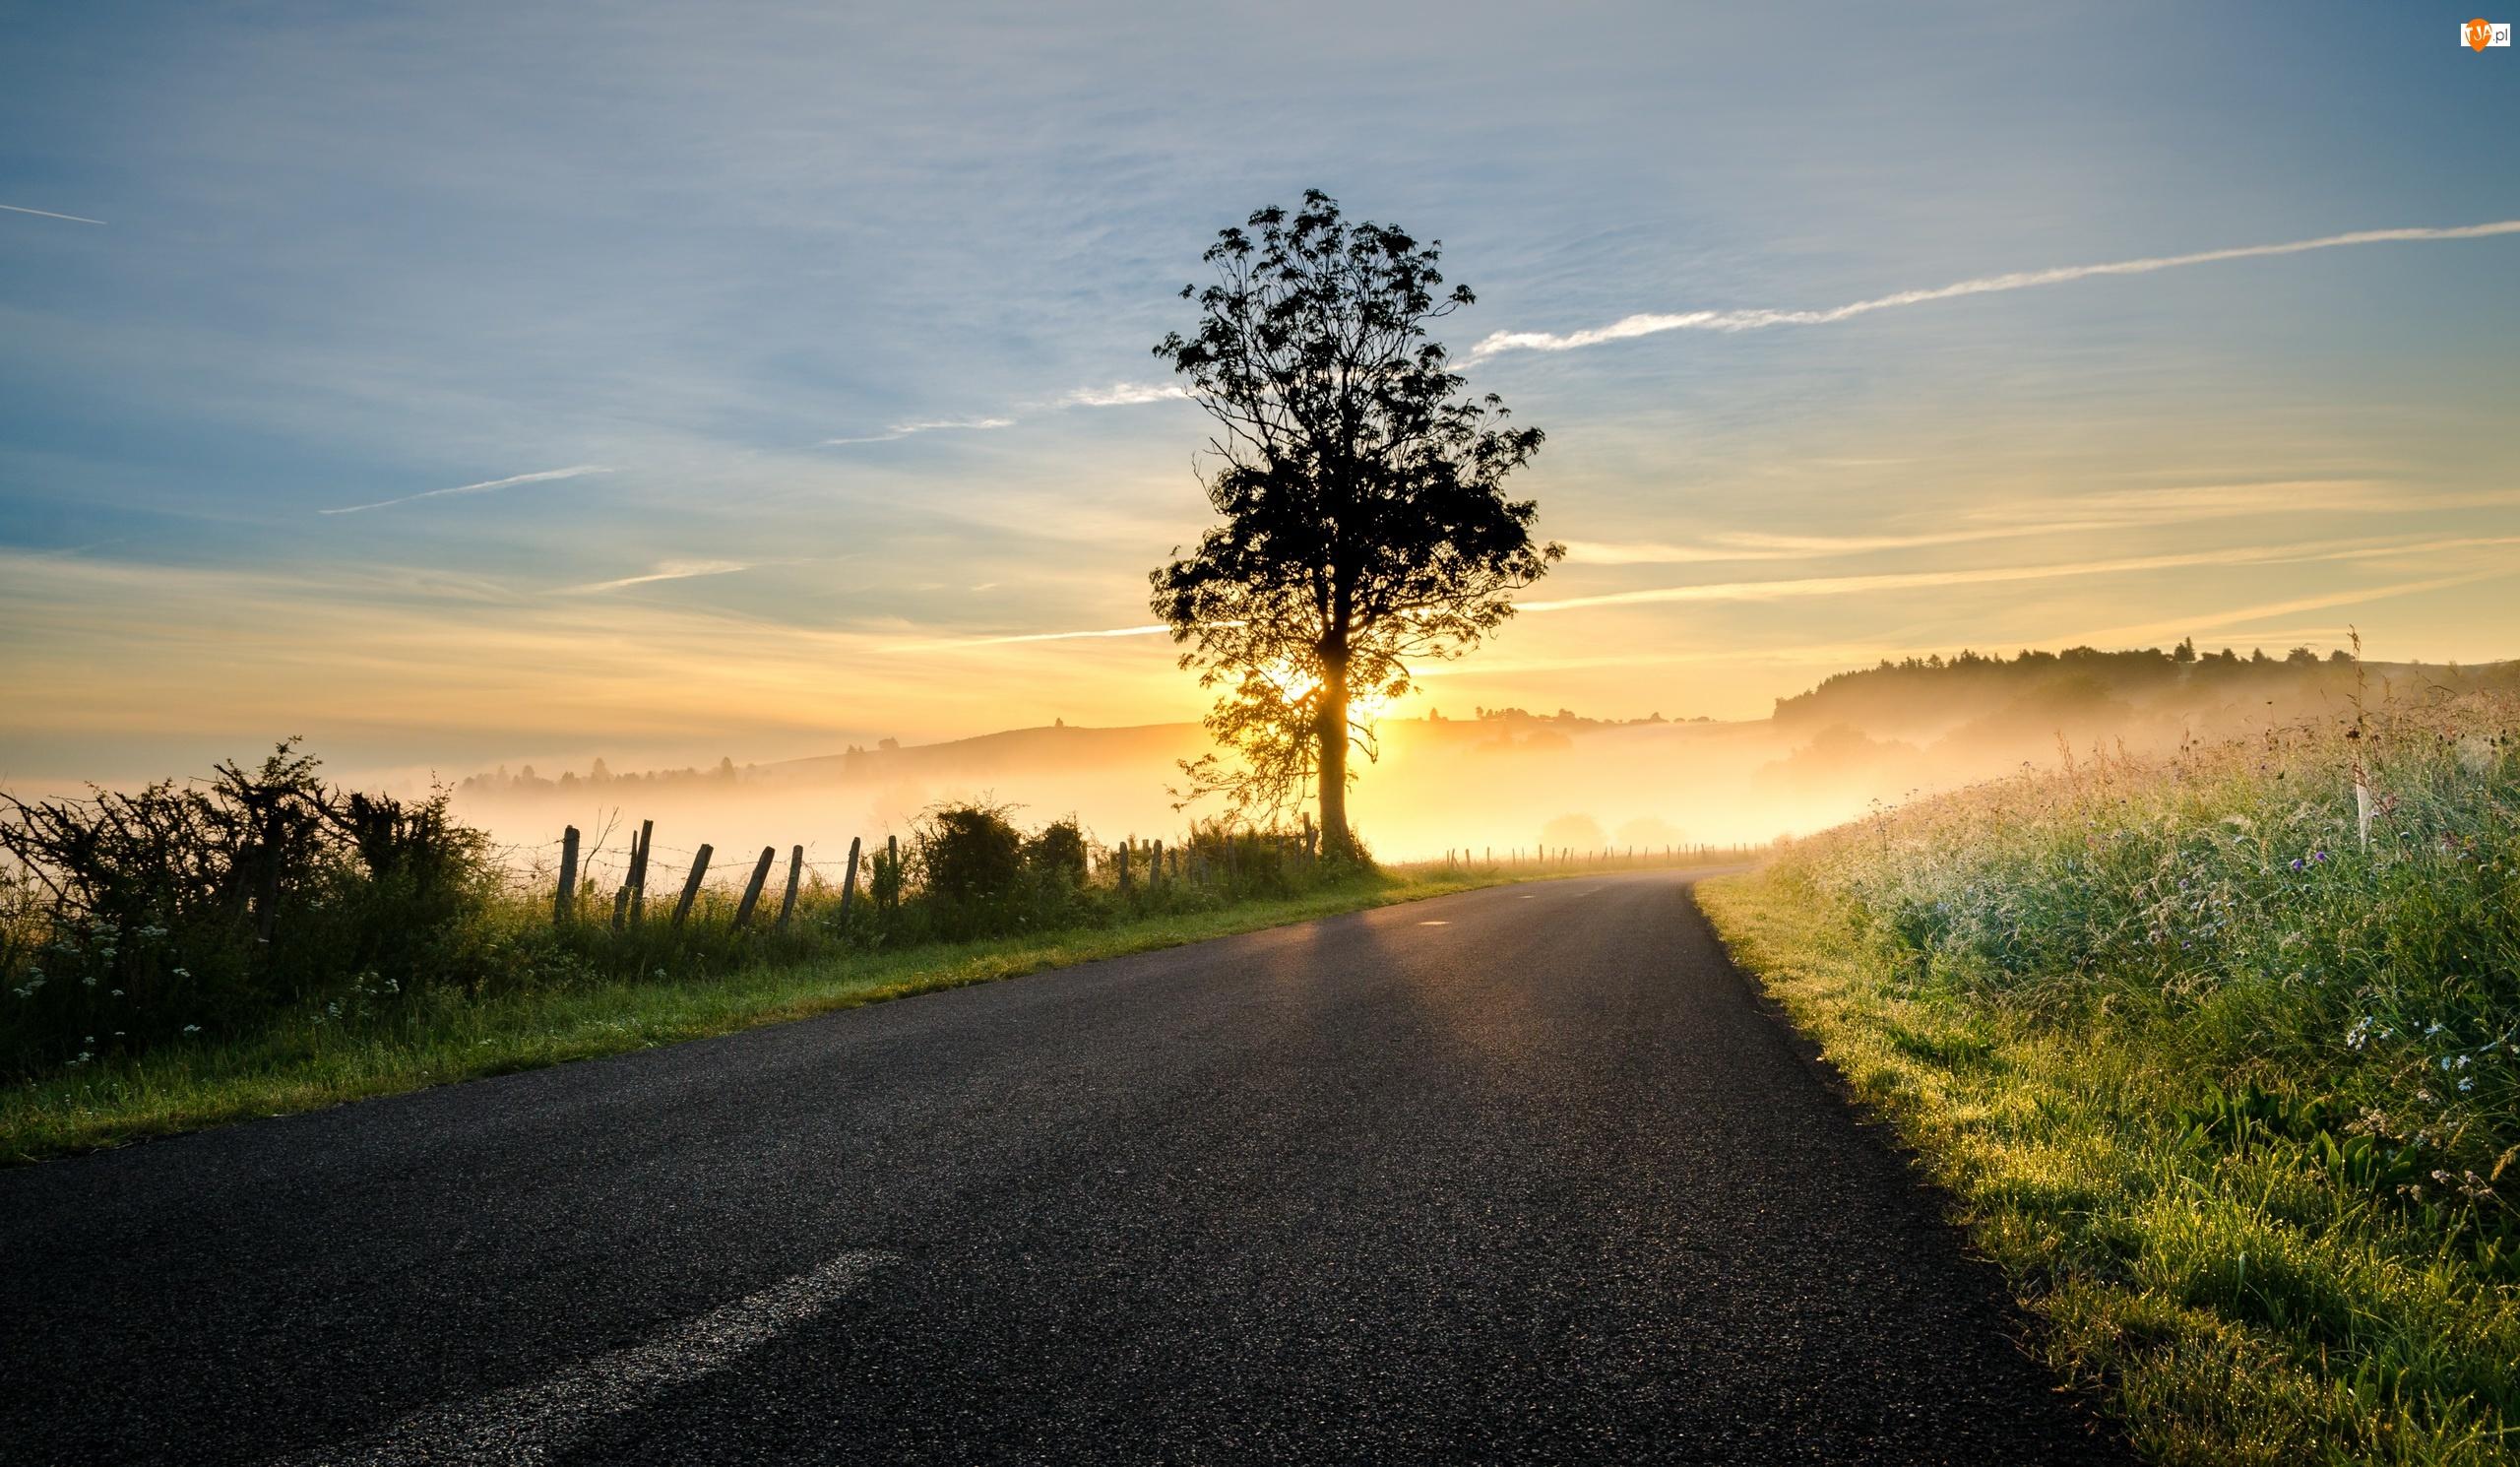 Wschód słońca, Droga, Mgła, Asfaltowa, Drzewo